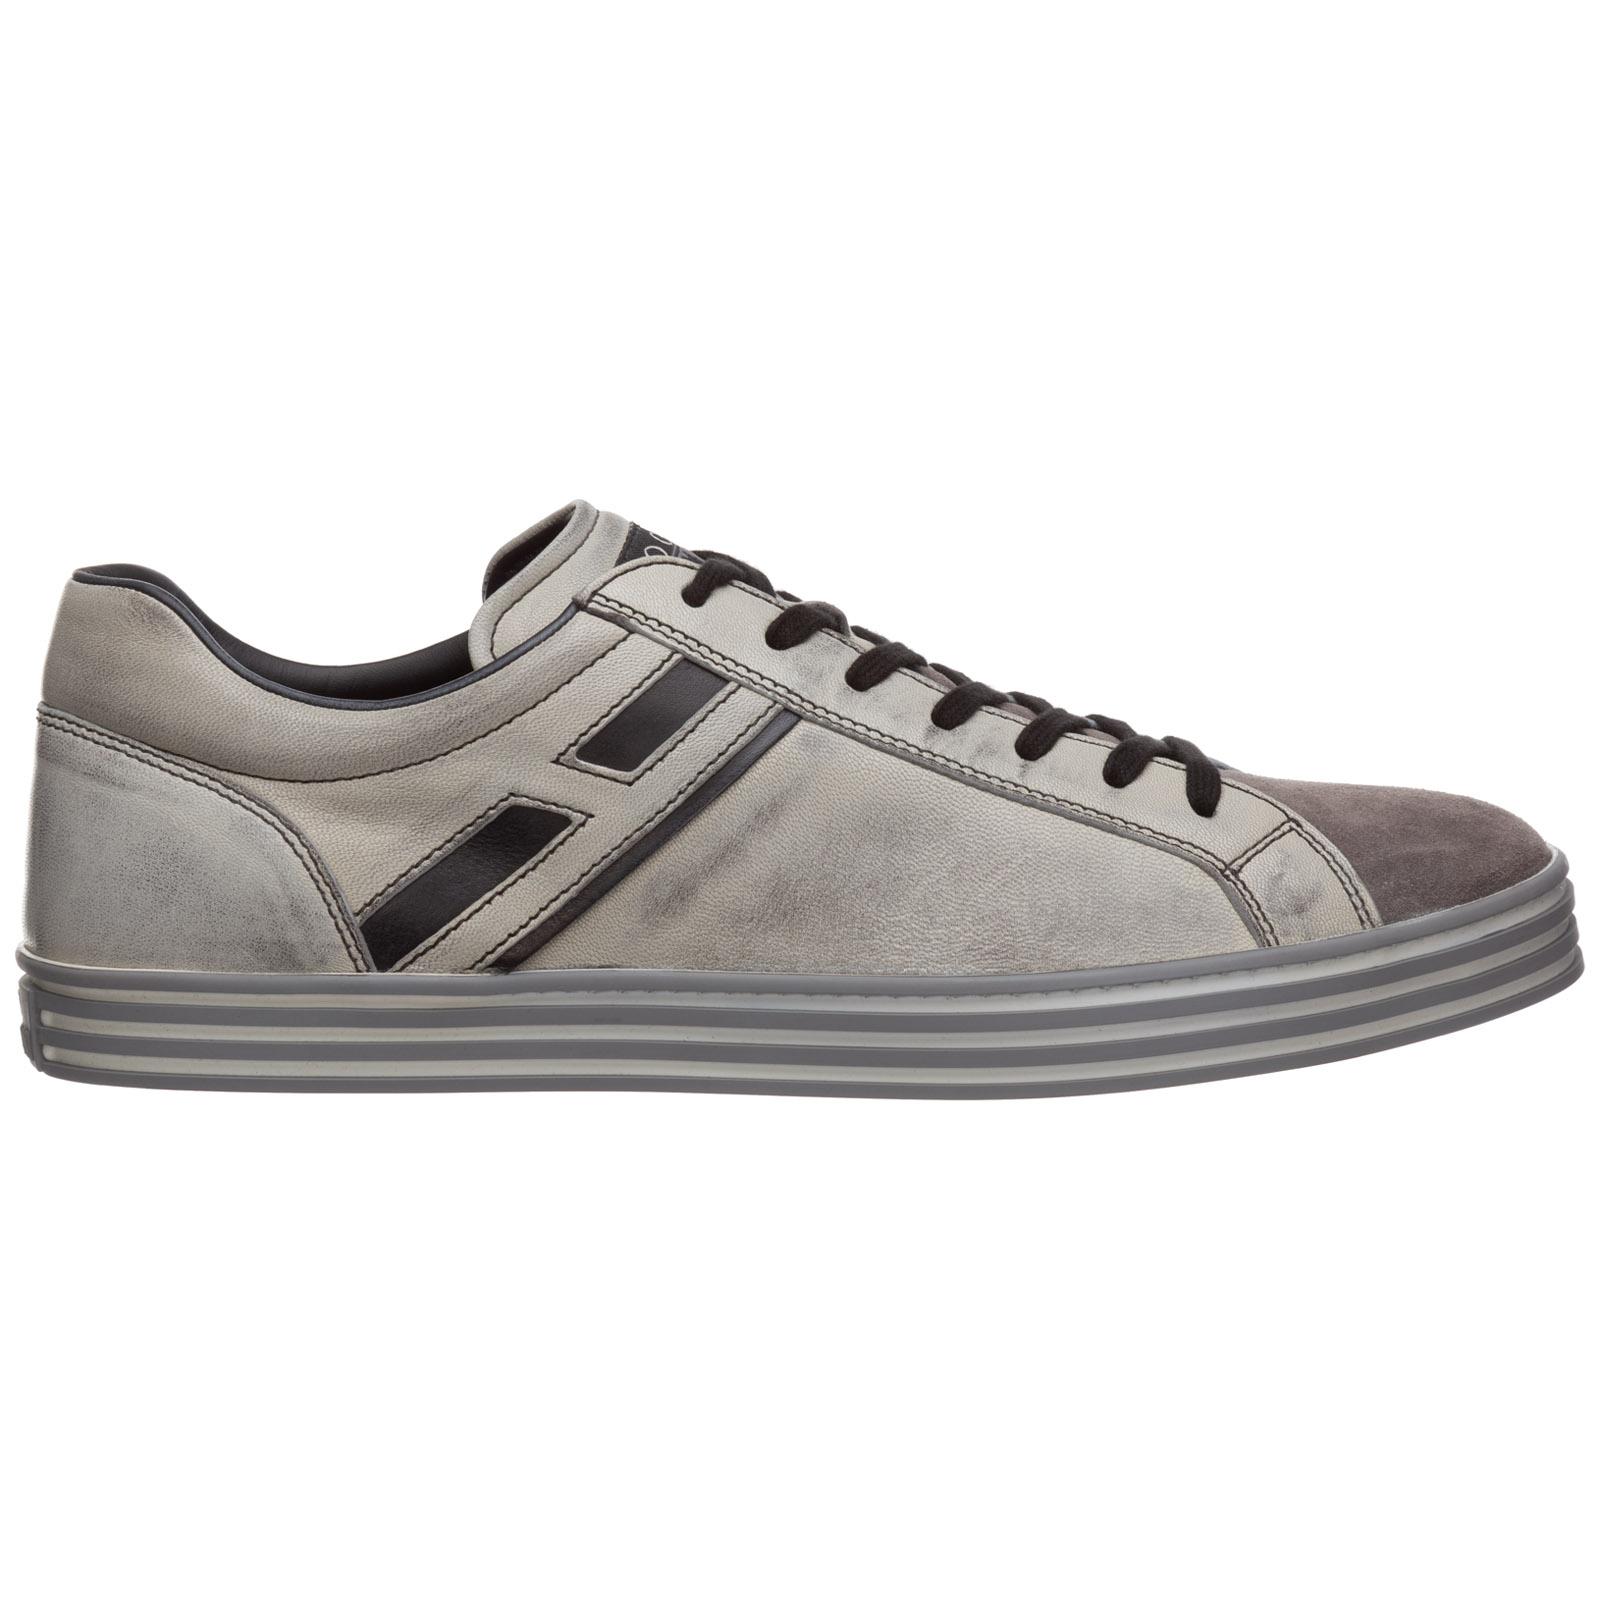 fddd0e653d77 Sneakers Hogan Rebel R141 HXM1410O20075W0803 nero piombo   FRMODA.com